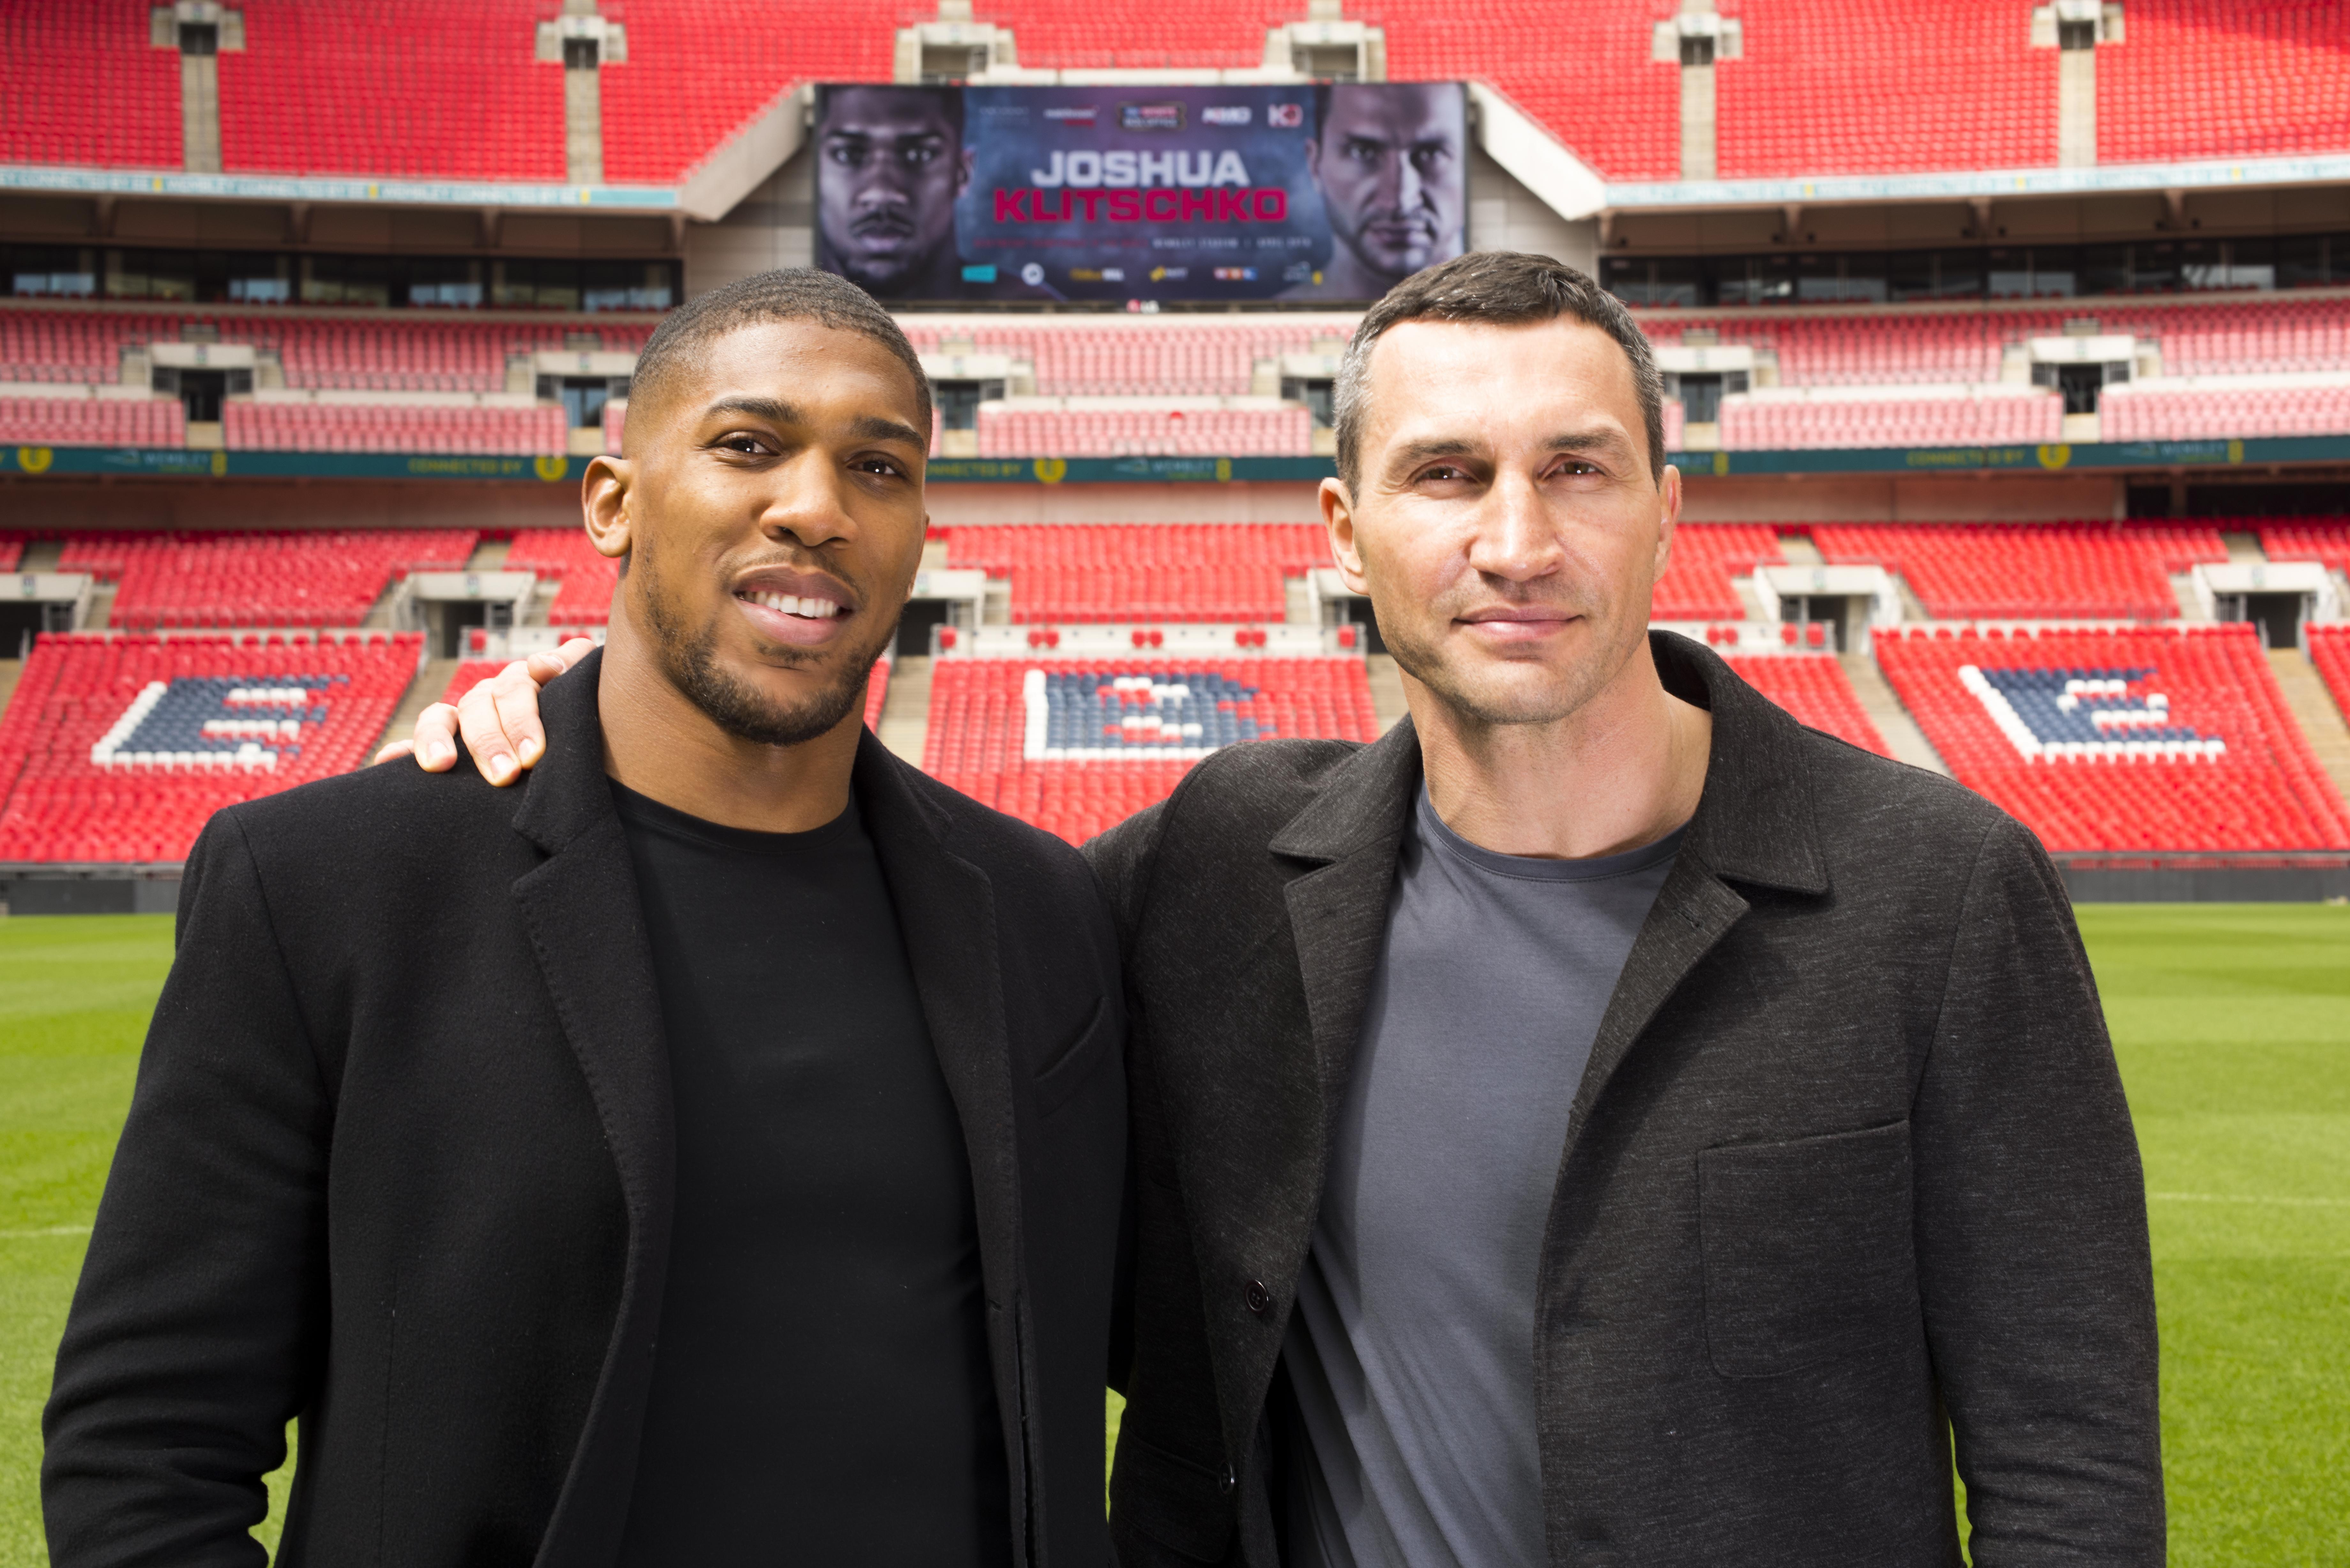 Joshua v Klitschko - Return to Wembley Documentary